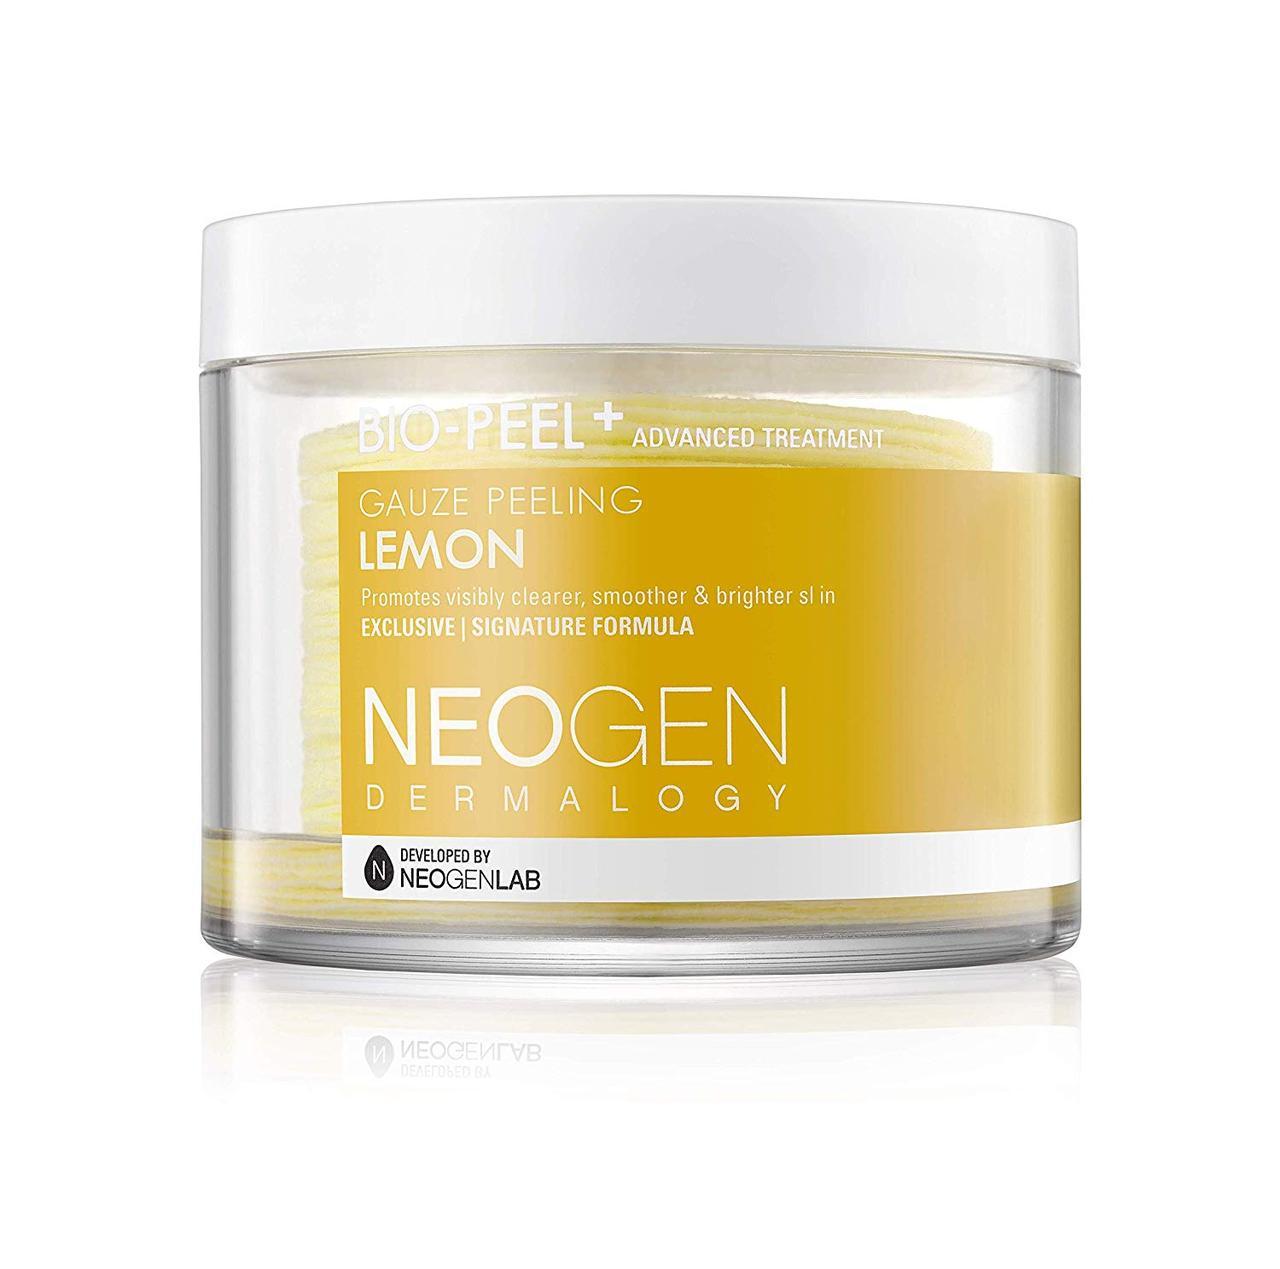 Пилинговые диски с лимоном Neogen Dermalogy Bio Peel Gauze Peeling Lemon, 30 шт